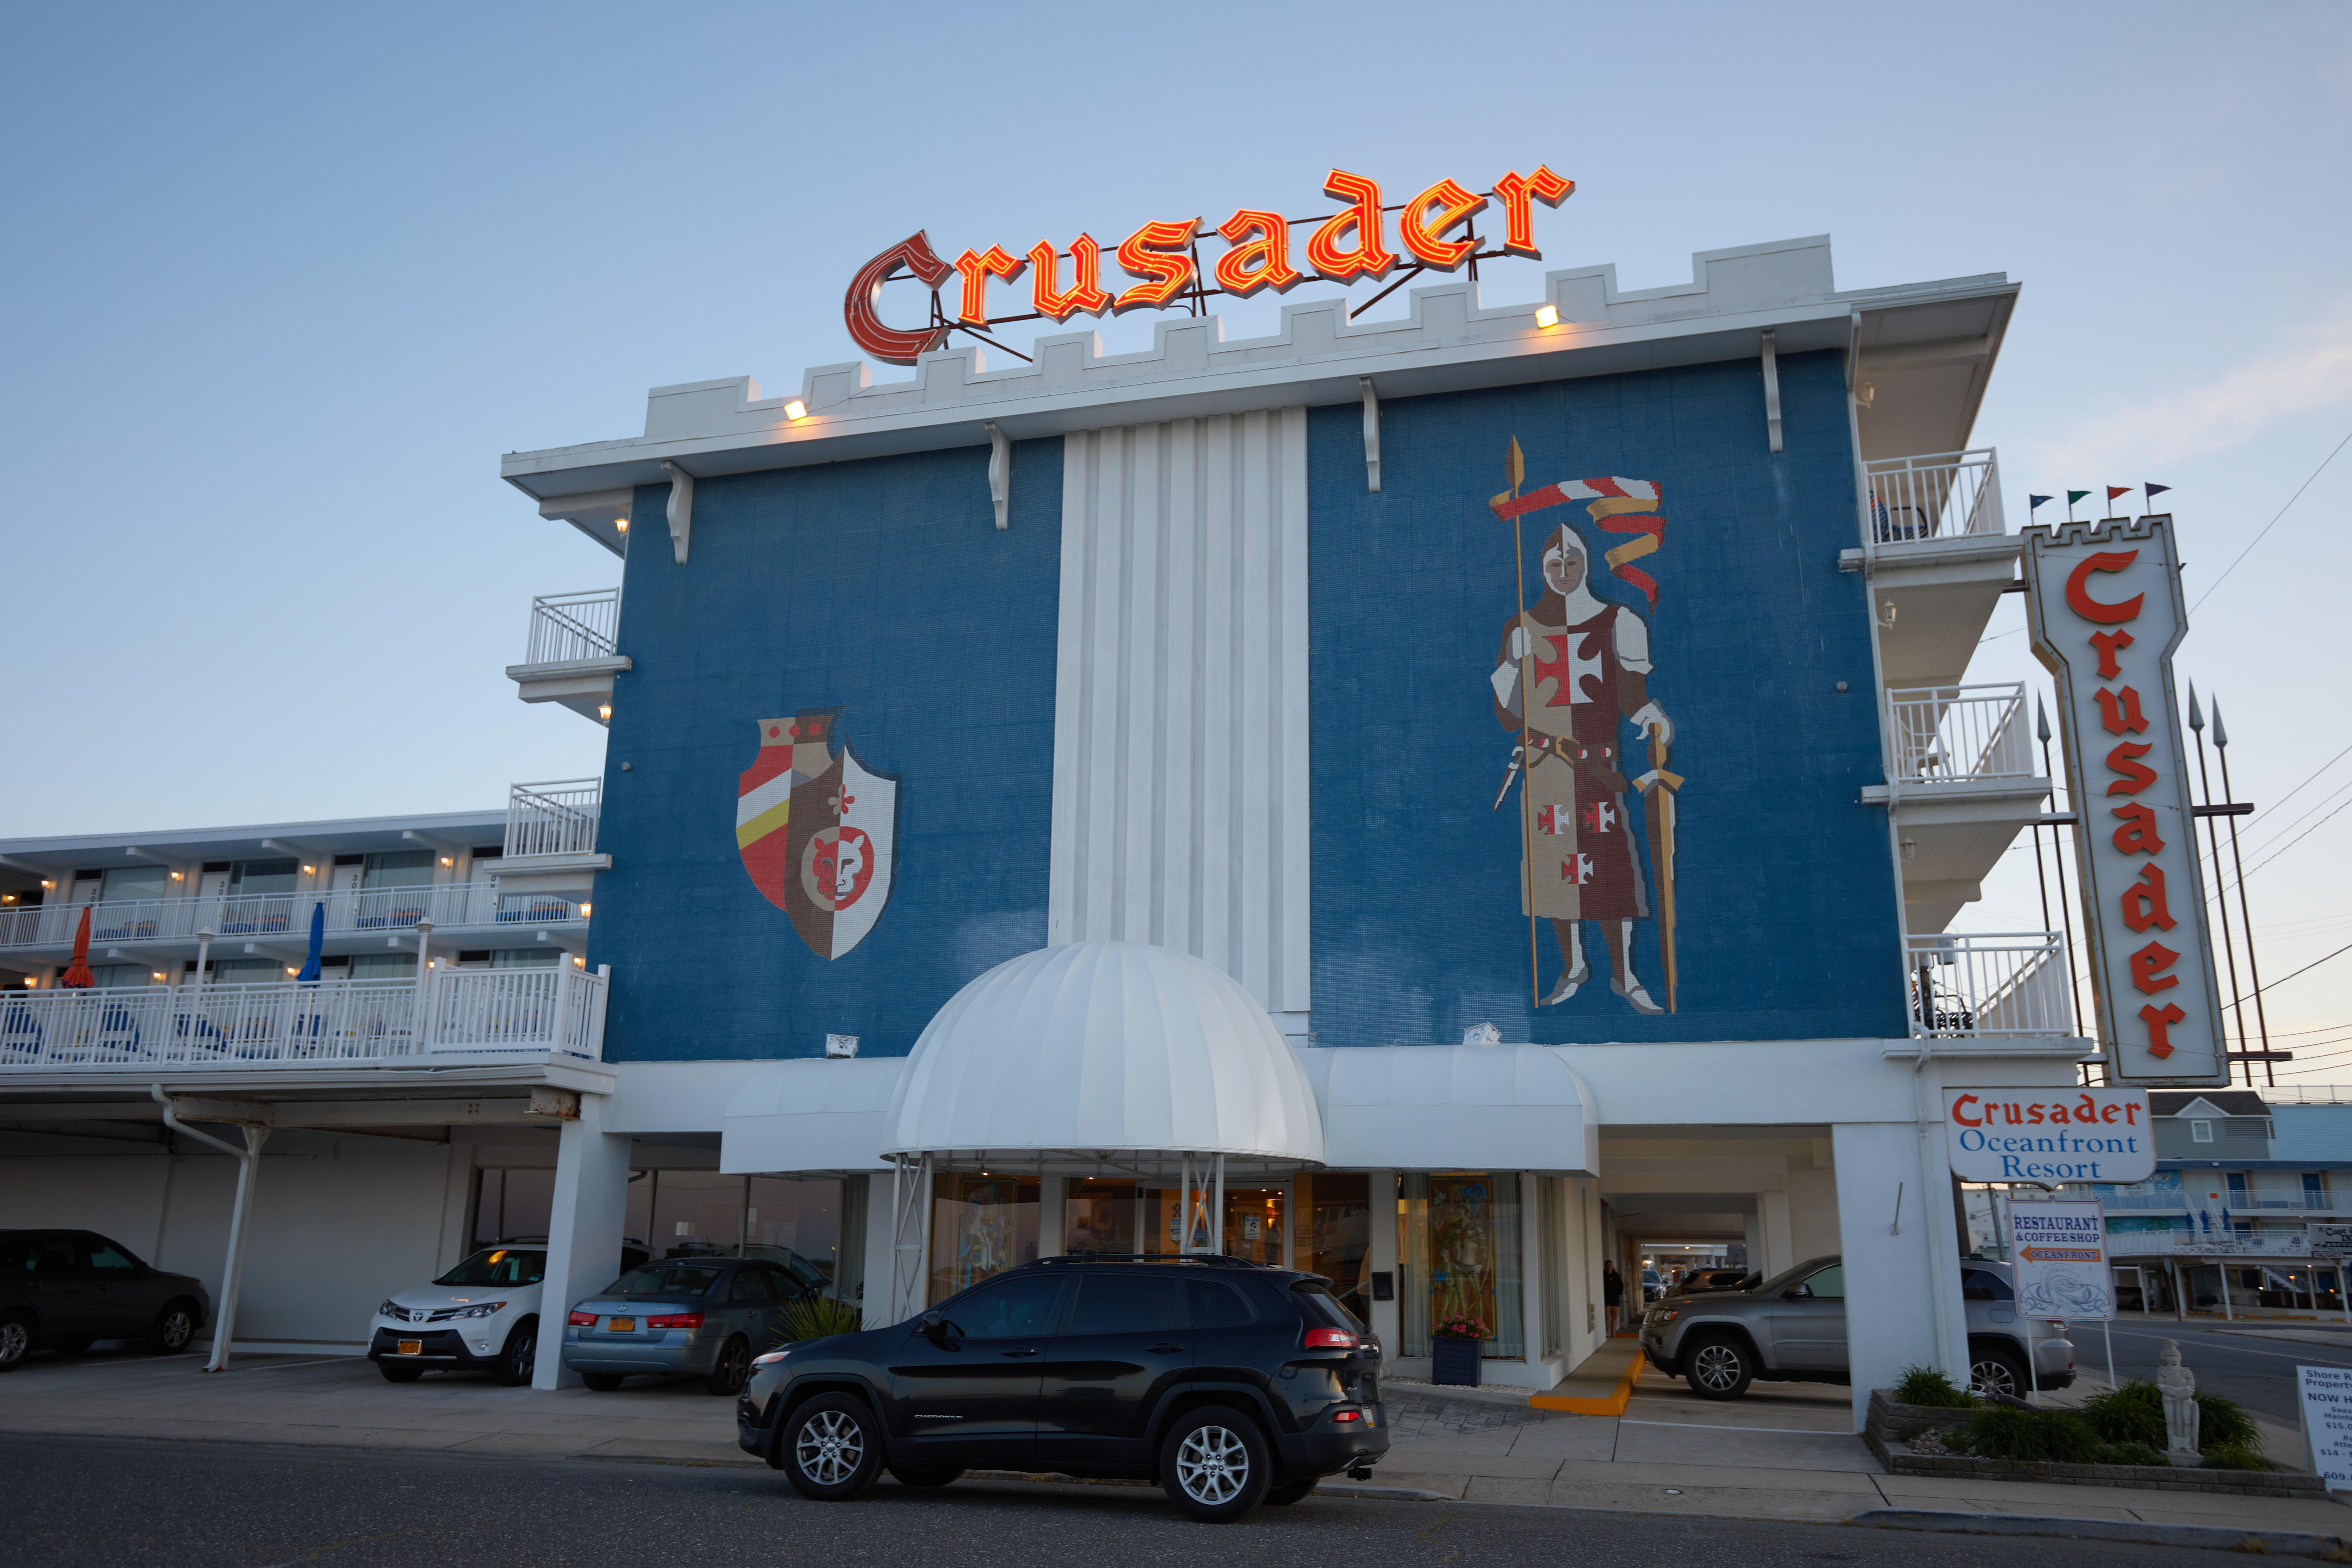 Exterior of Crusader Motel